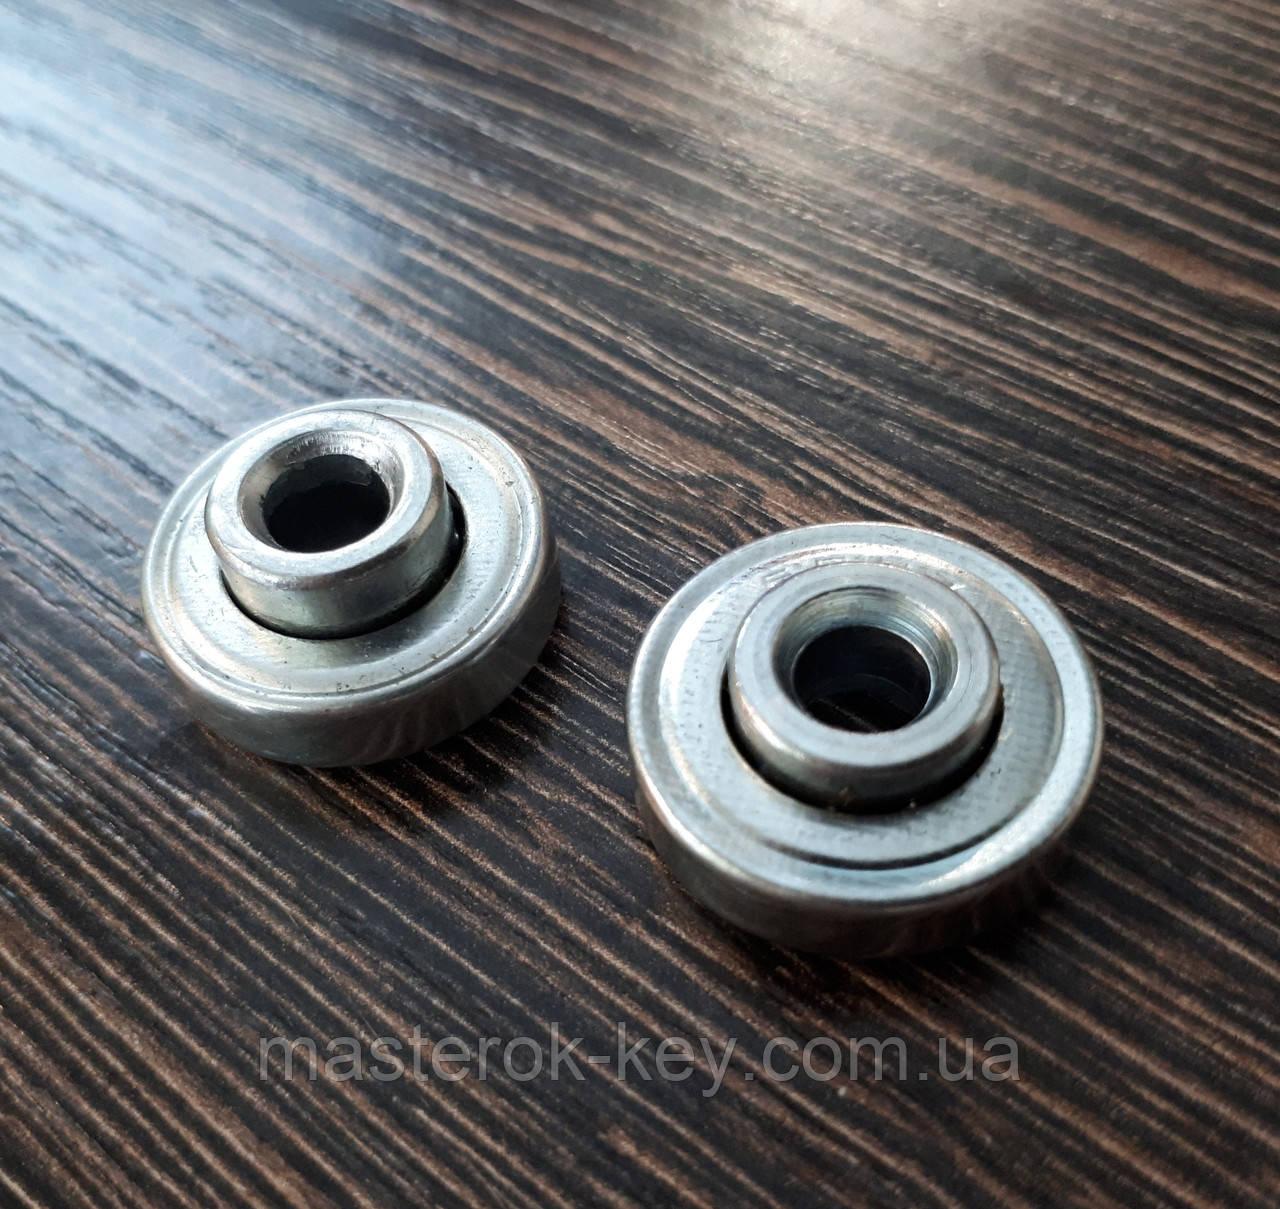 Підшипники для коліс 22*6 мм